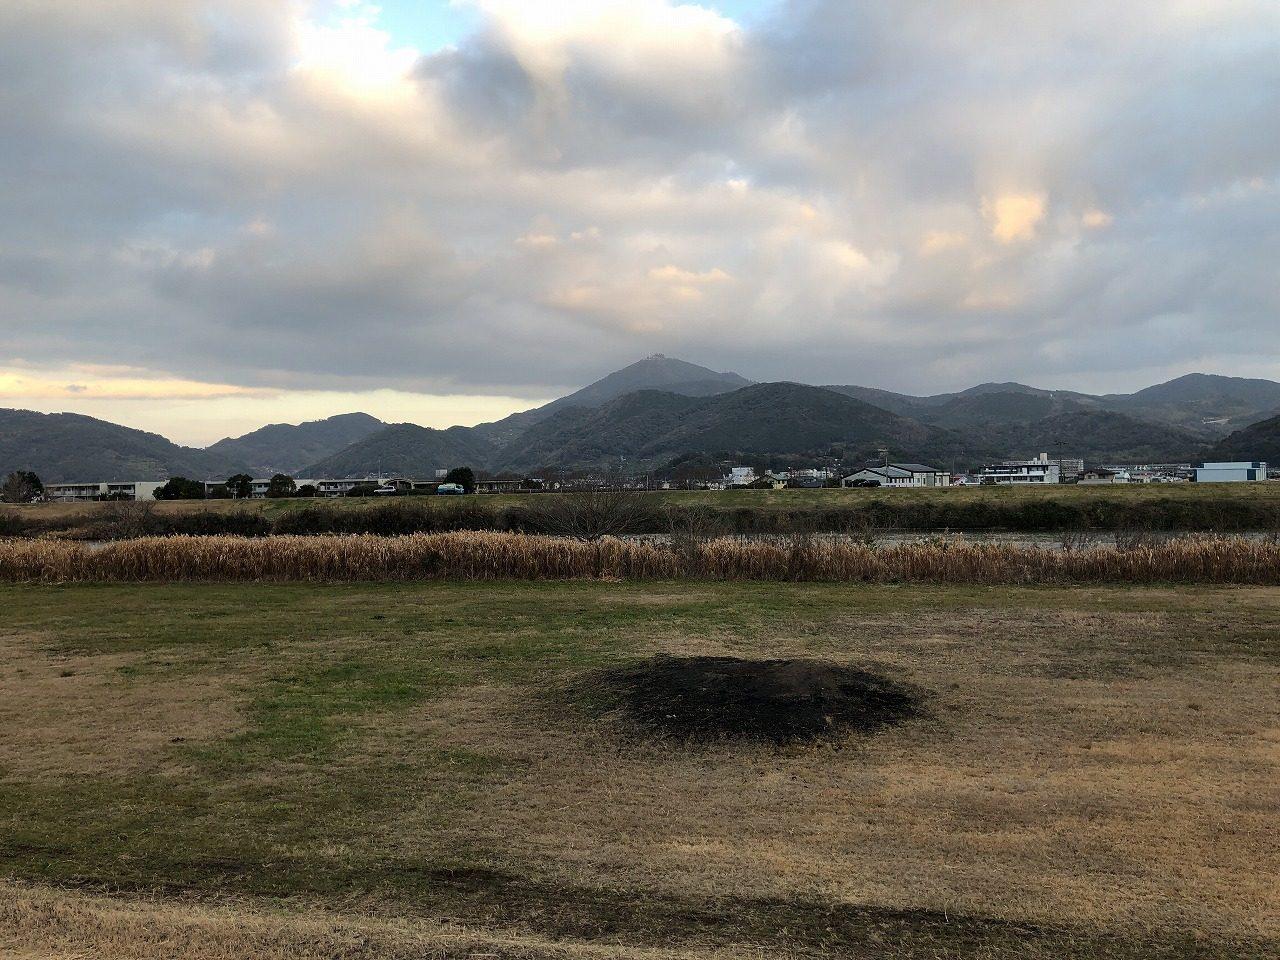 2019.1.16今朝の金峰山です!